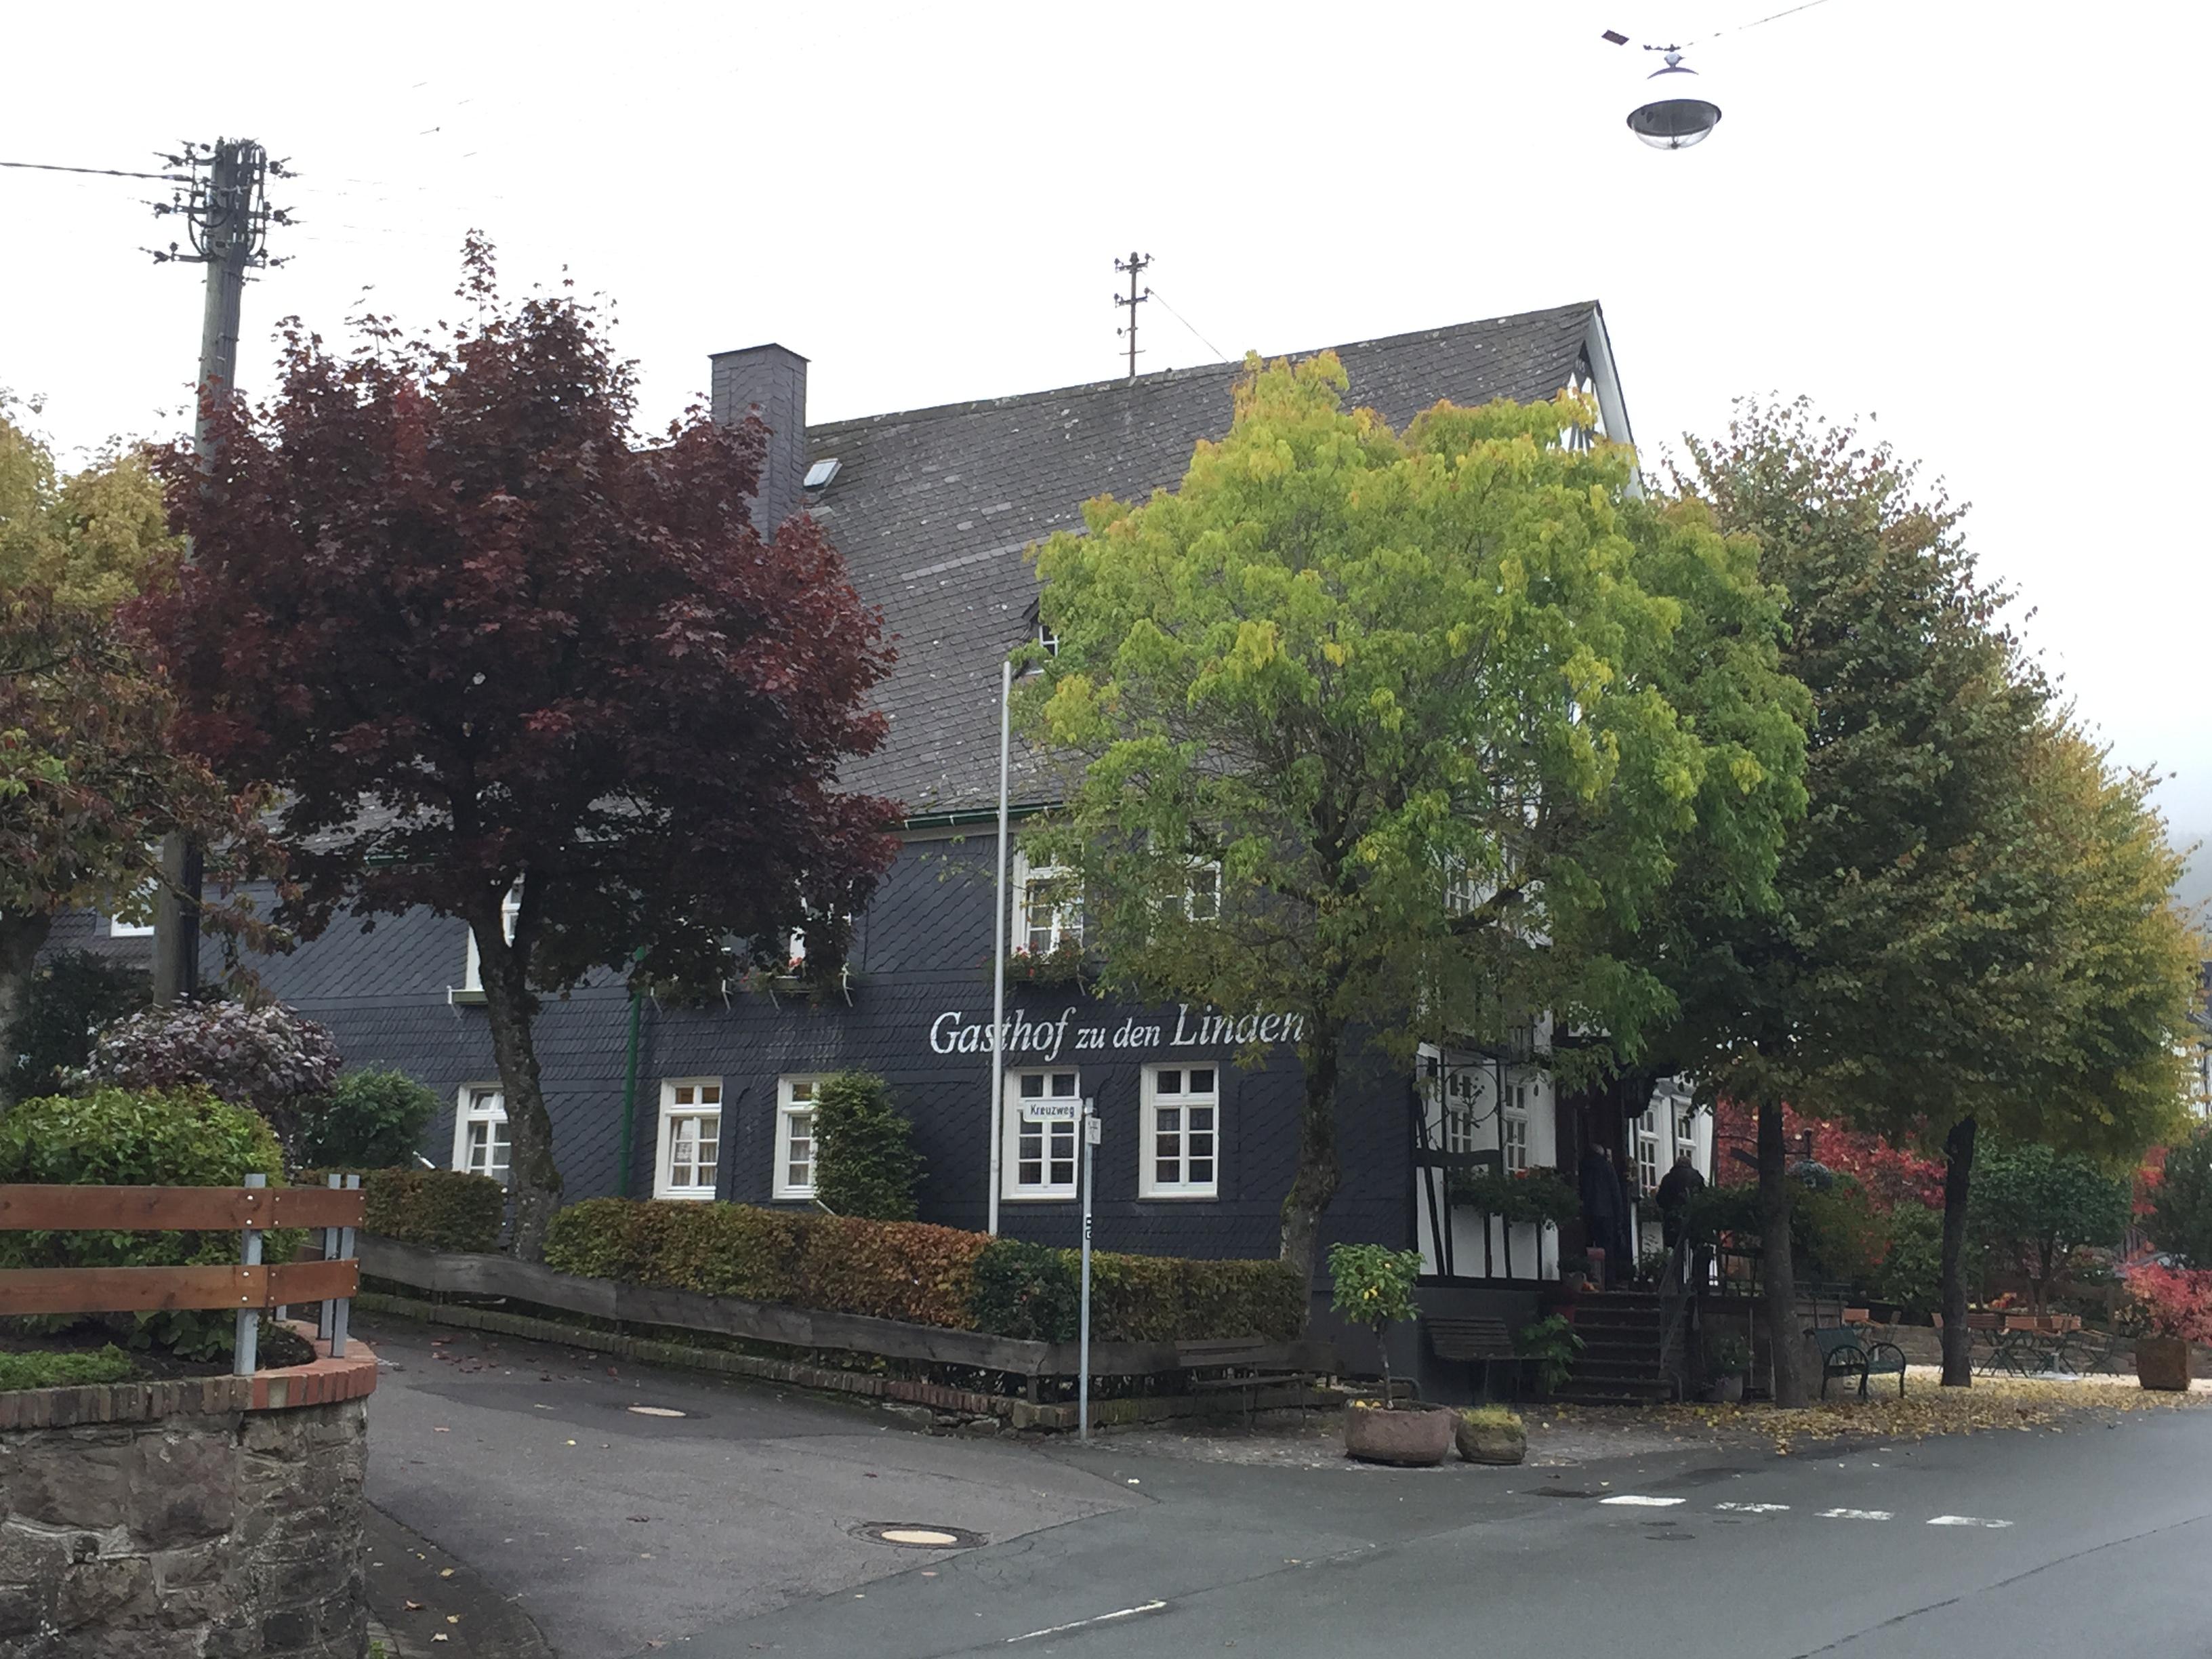 Gasthof 'Zu den Linden' (maar wij sliepen in apart huis erachter wat je niet kan zien hier)